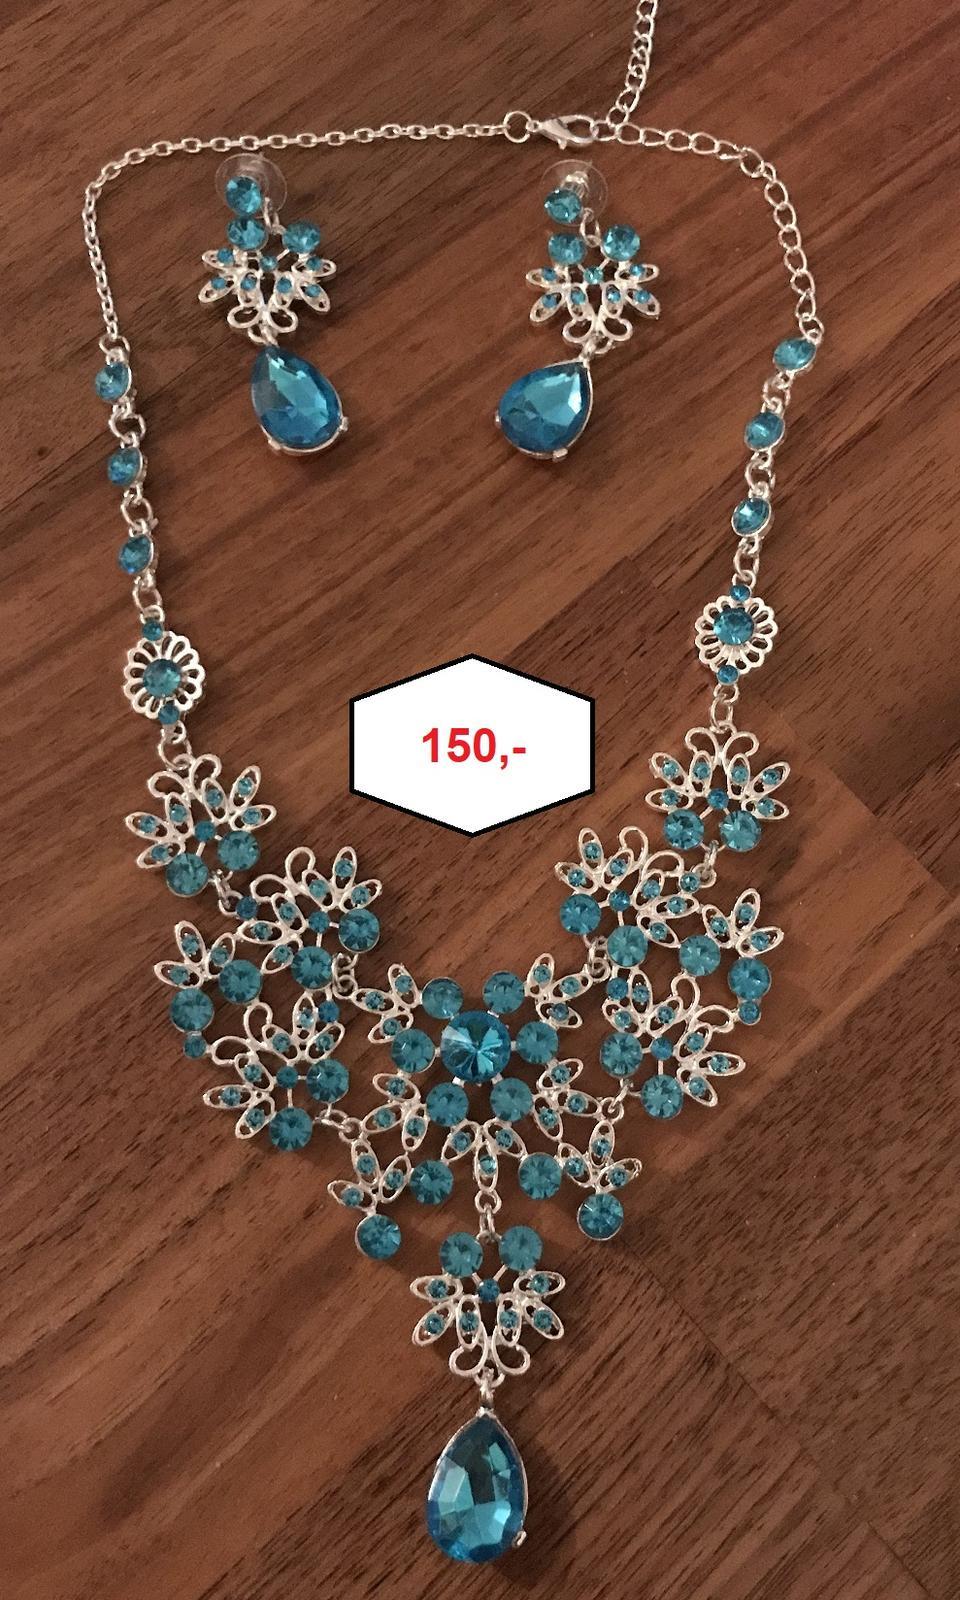 Sada náhrdelníku a náušnic  - Obrázek č. 1